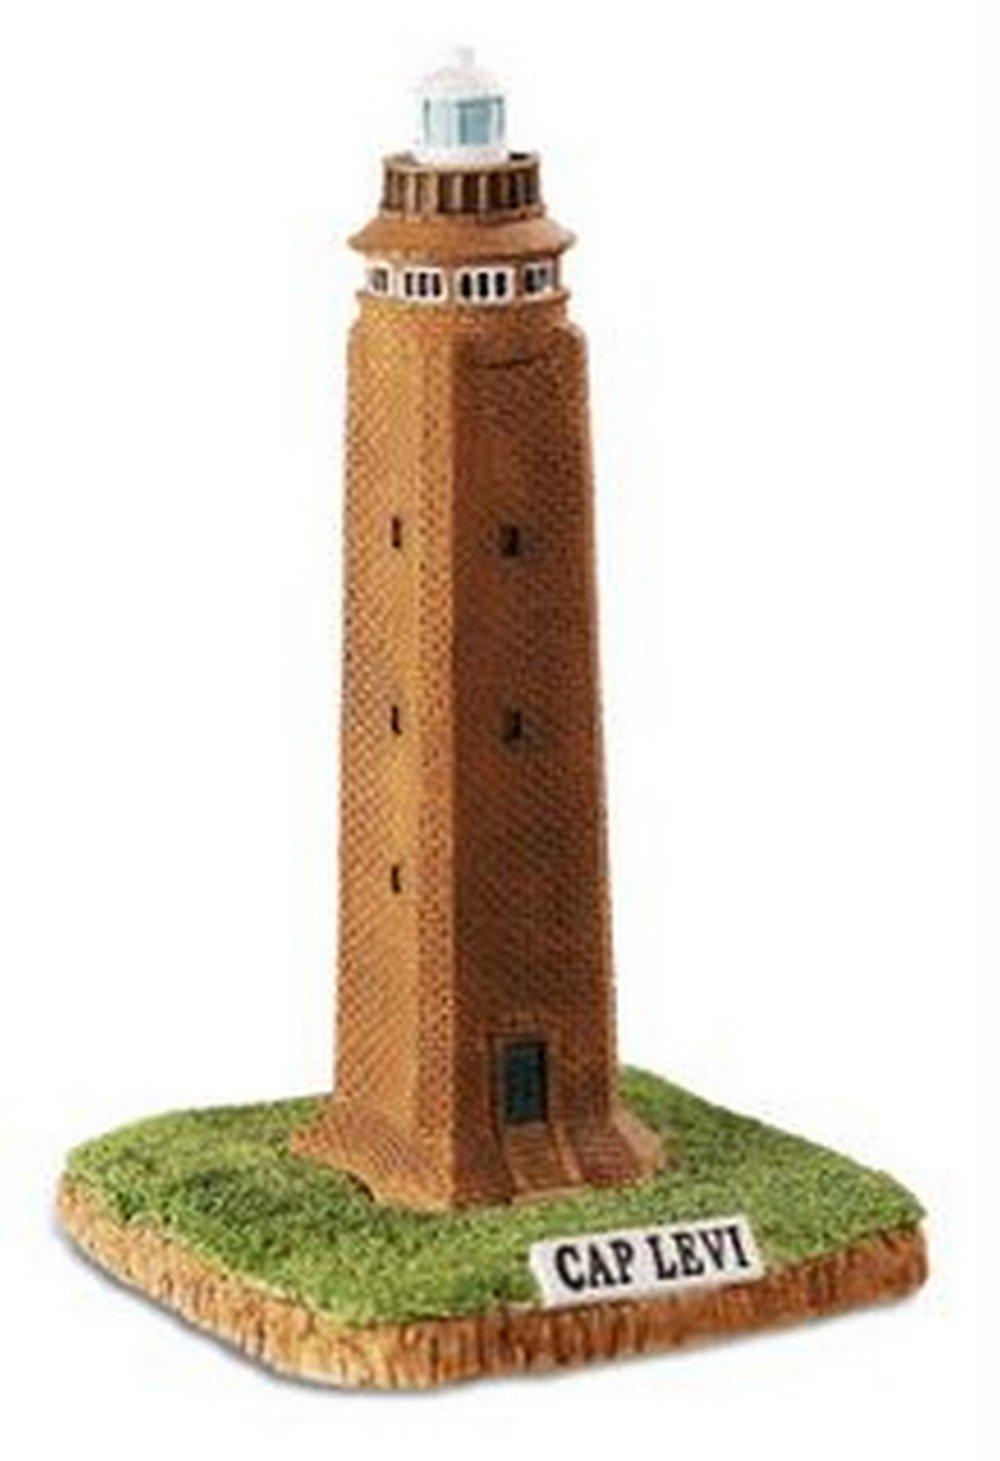 reproduction phare de cap levi arche de noé